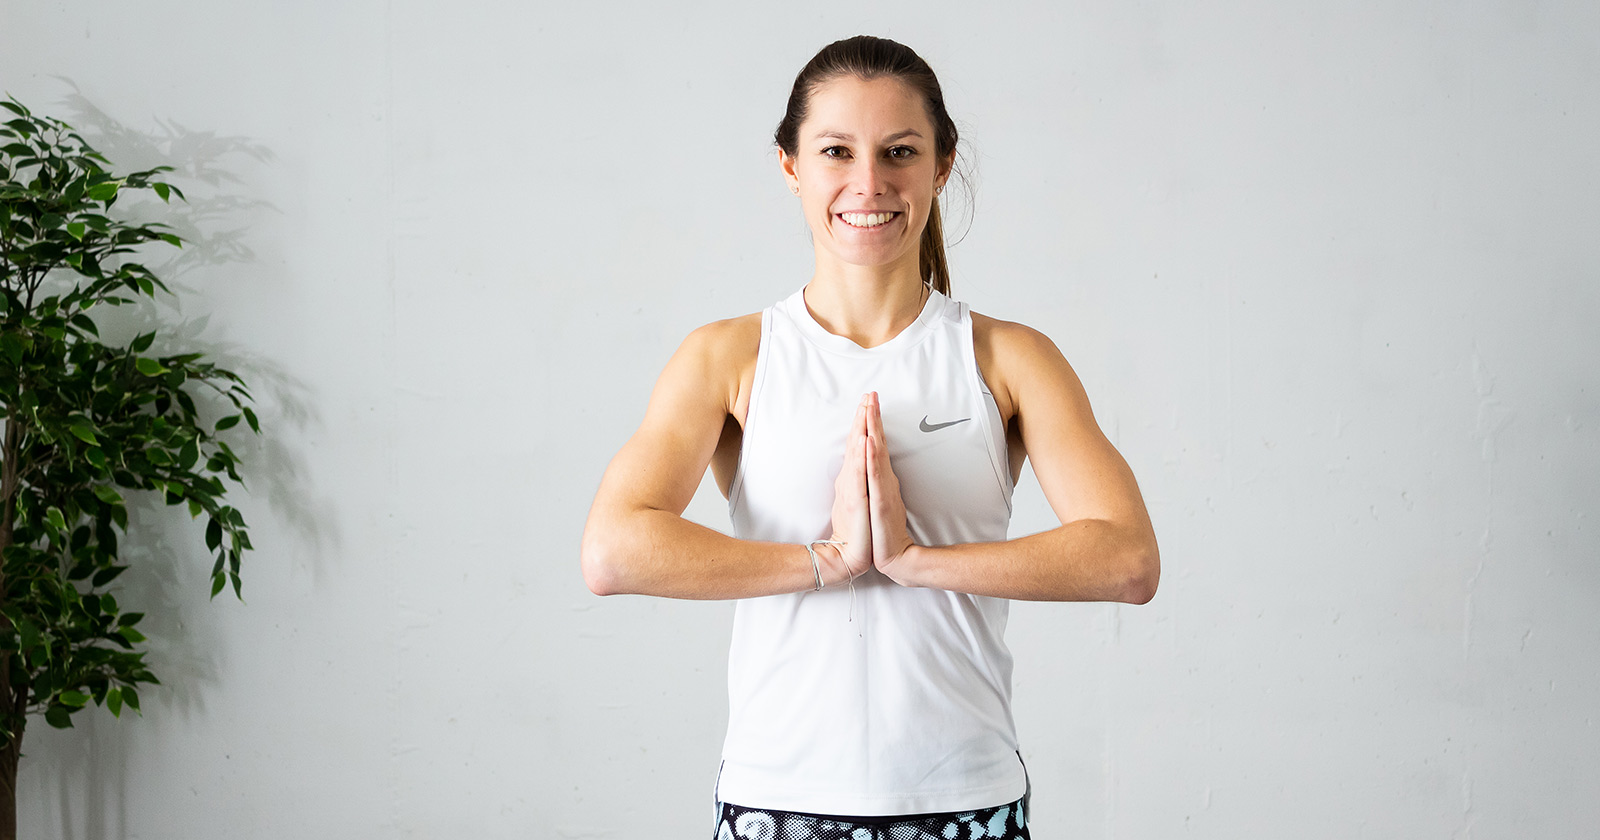 Brustmuskel trainieren Frau: Starke Brust & sexy Dekolleté